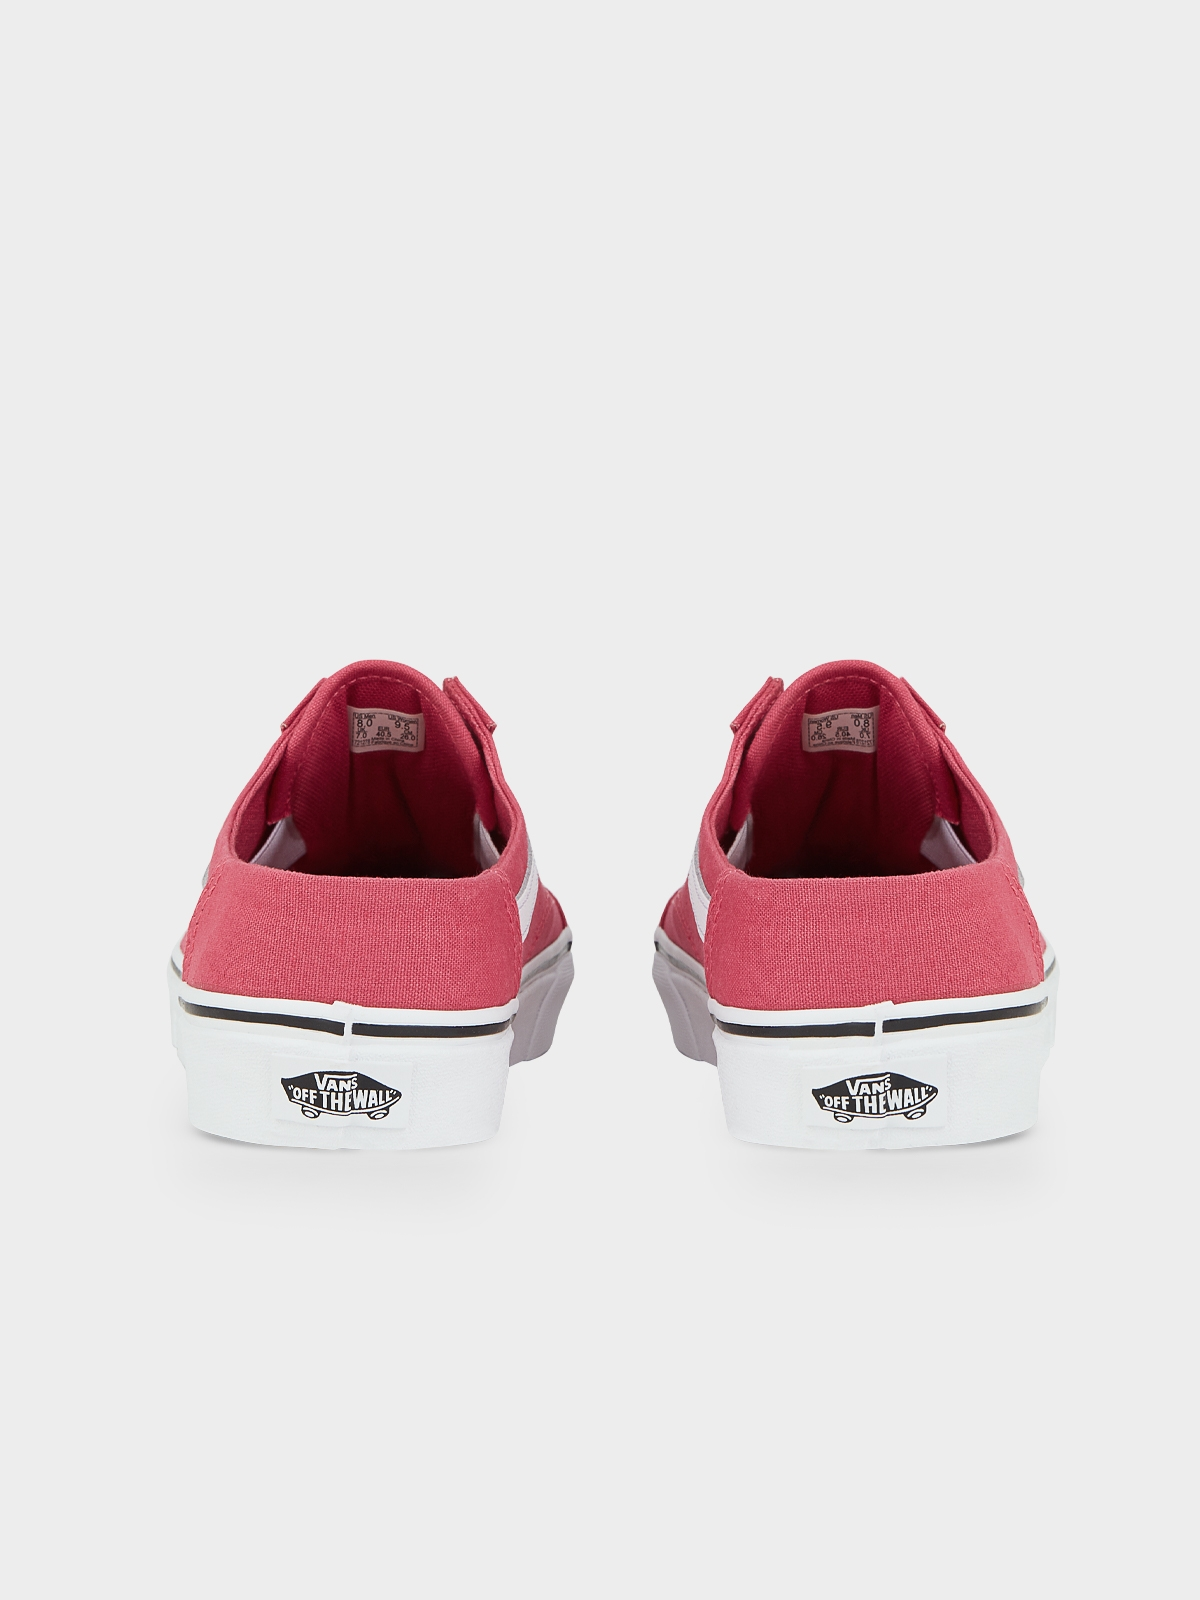 Vans Old Skool Mule Sneakers Red